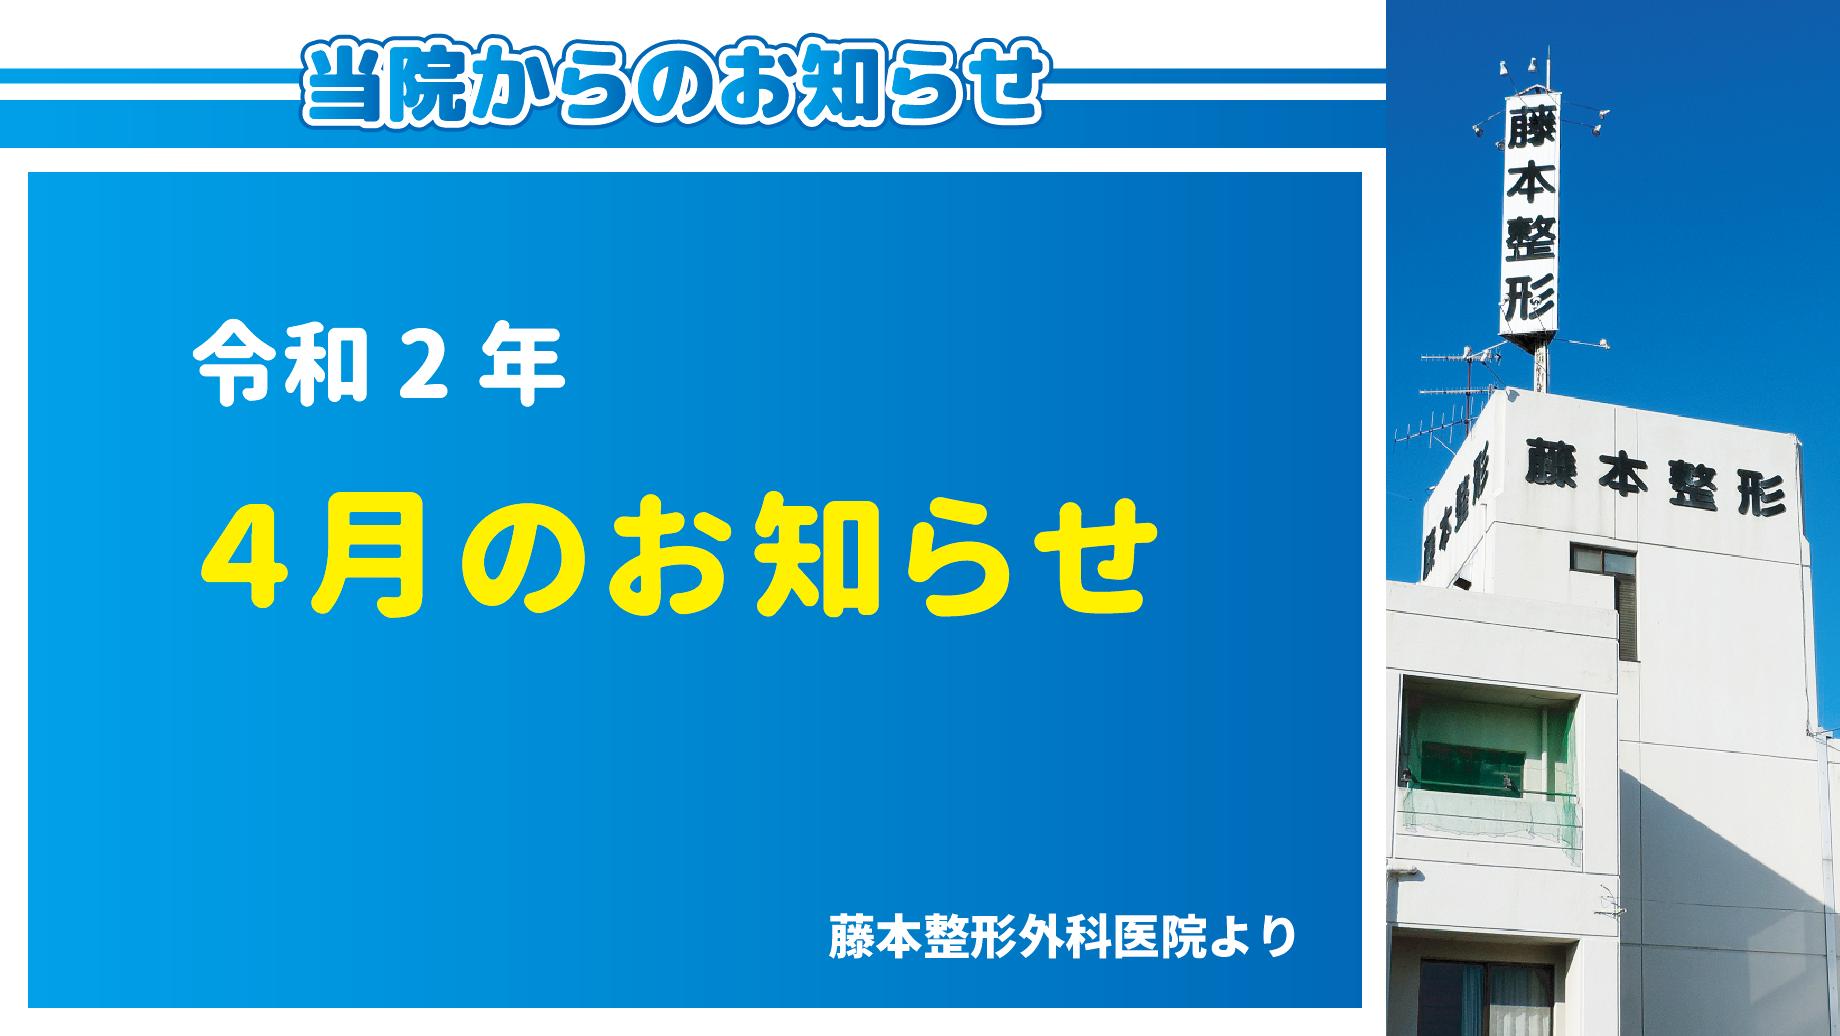 令和2年4月のお知らせ(大分の藤本整形外科医院より)